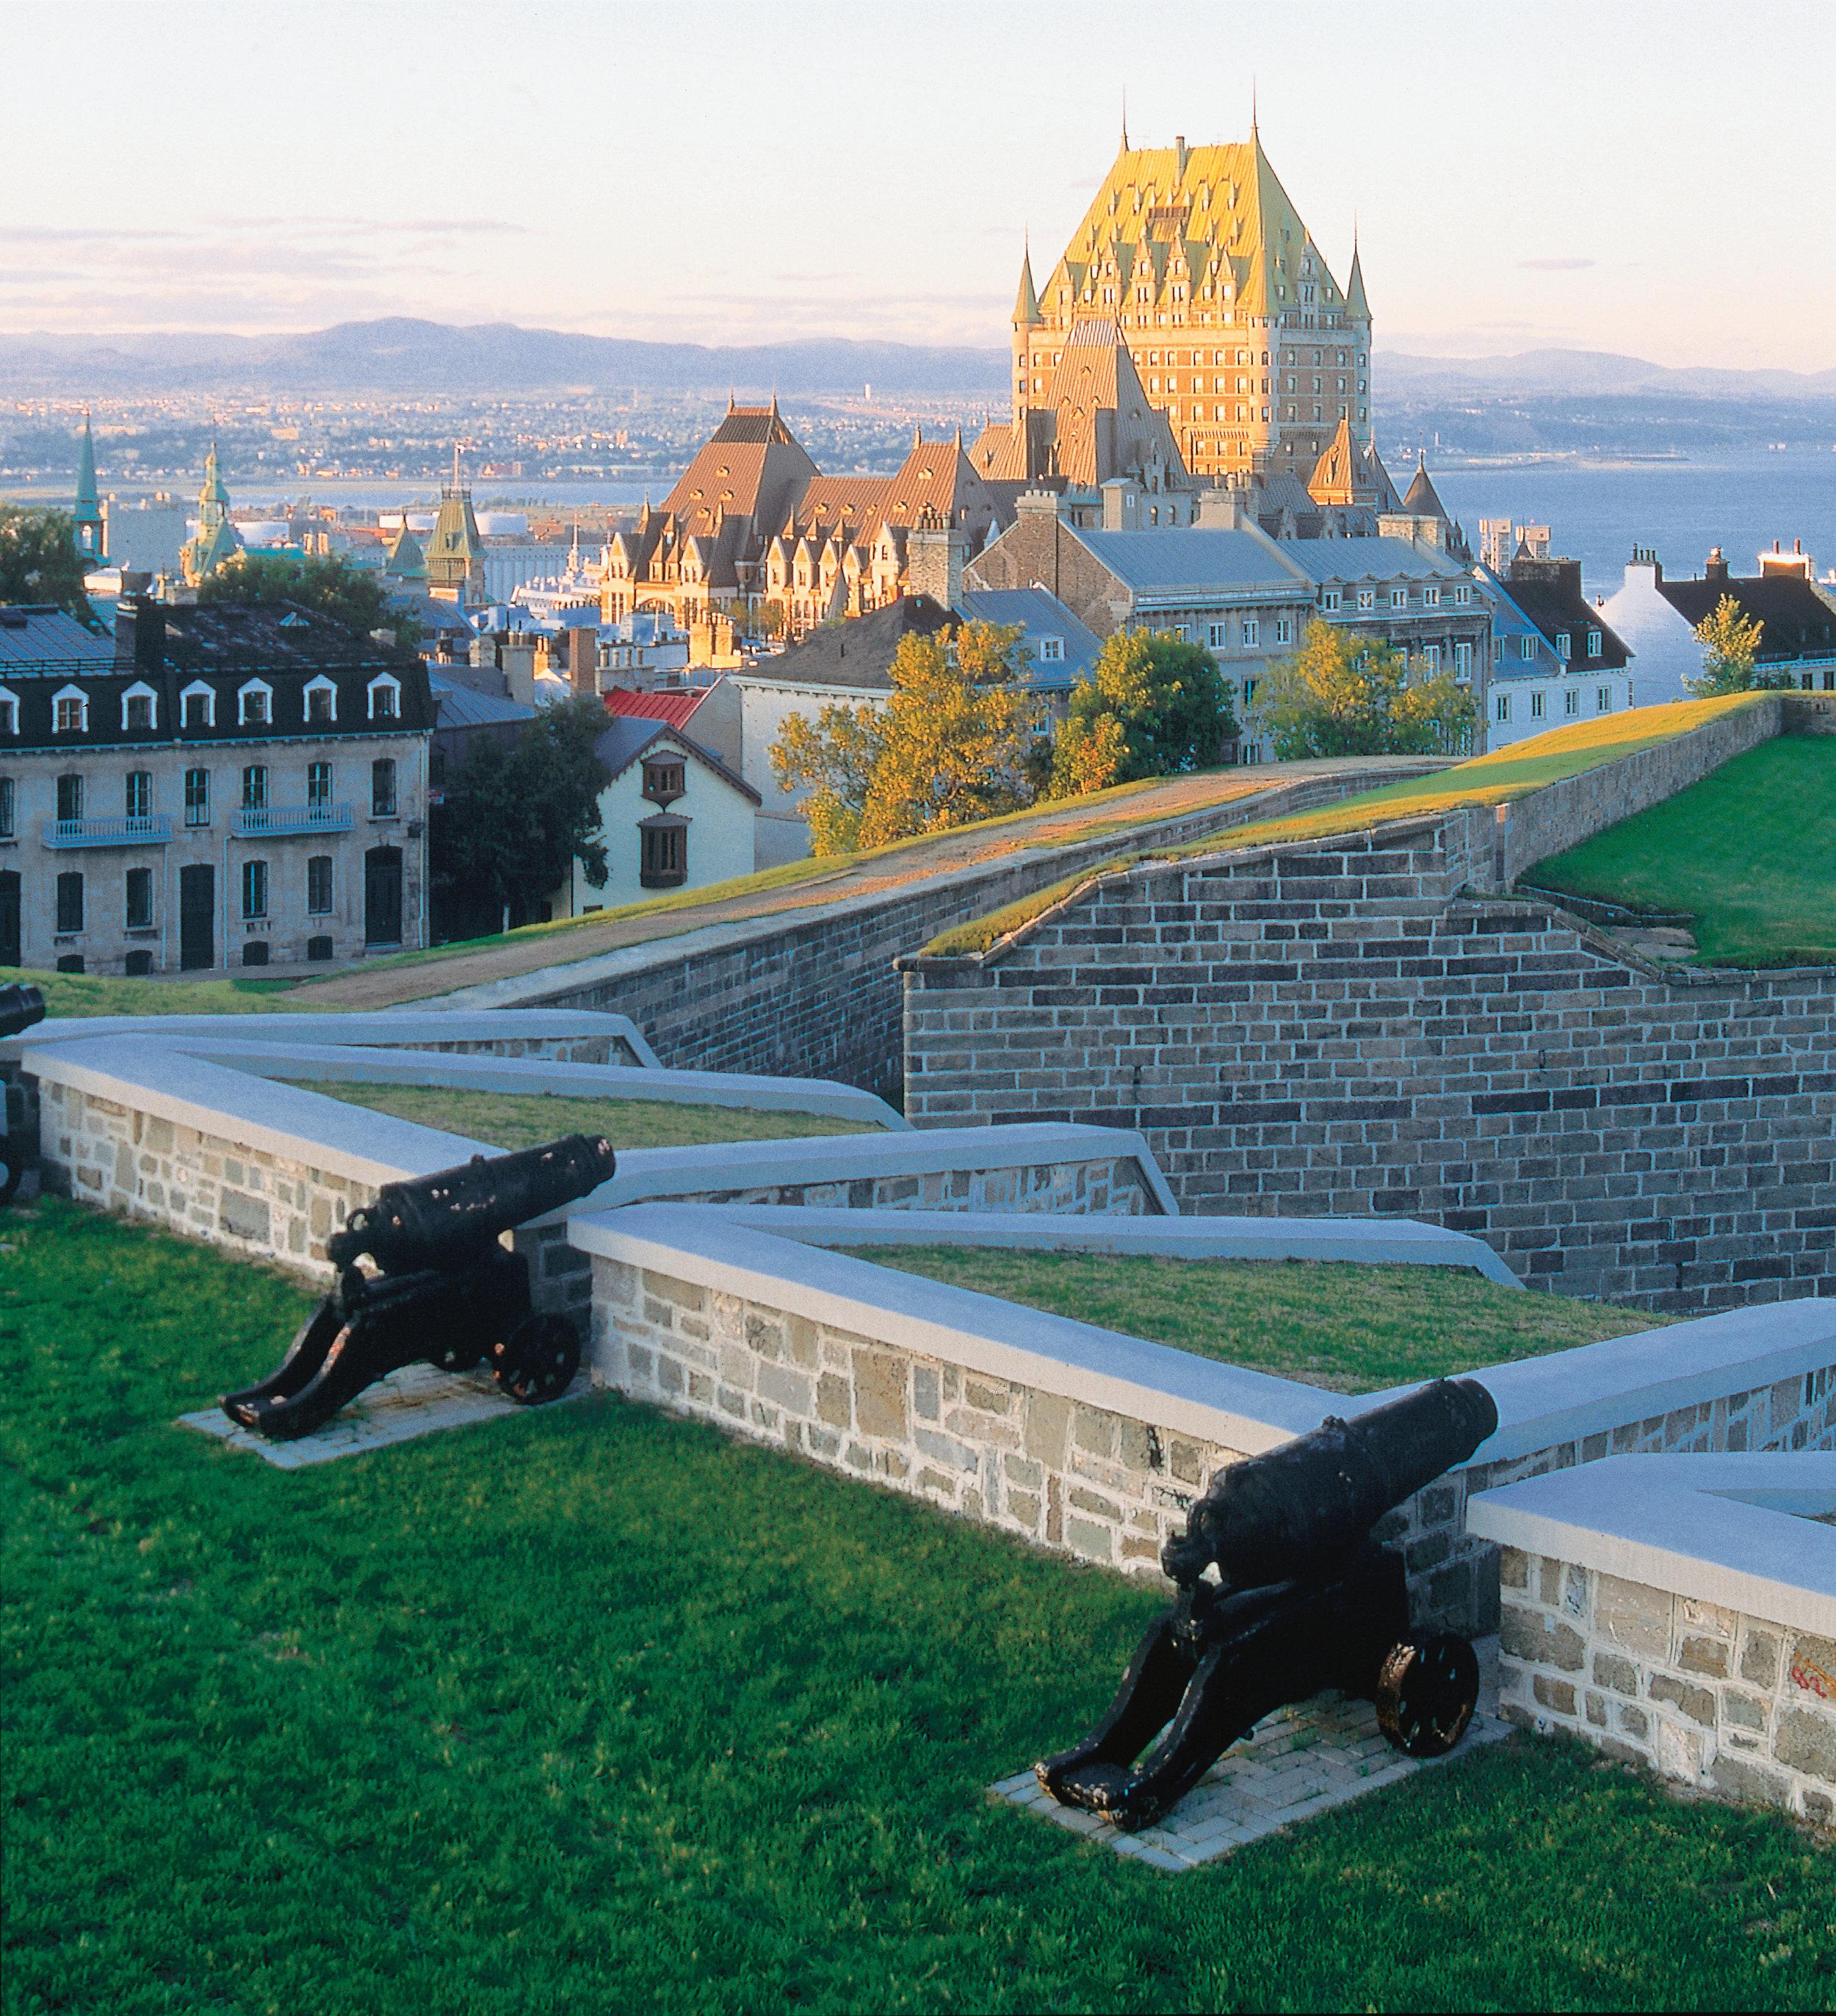 © Photos provided by Québec City Tourism